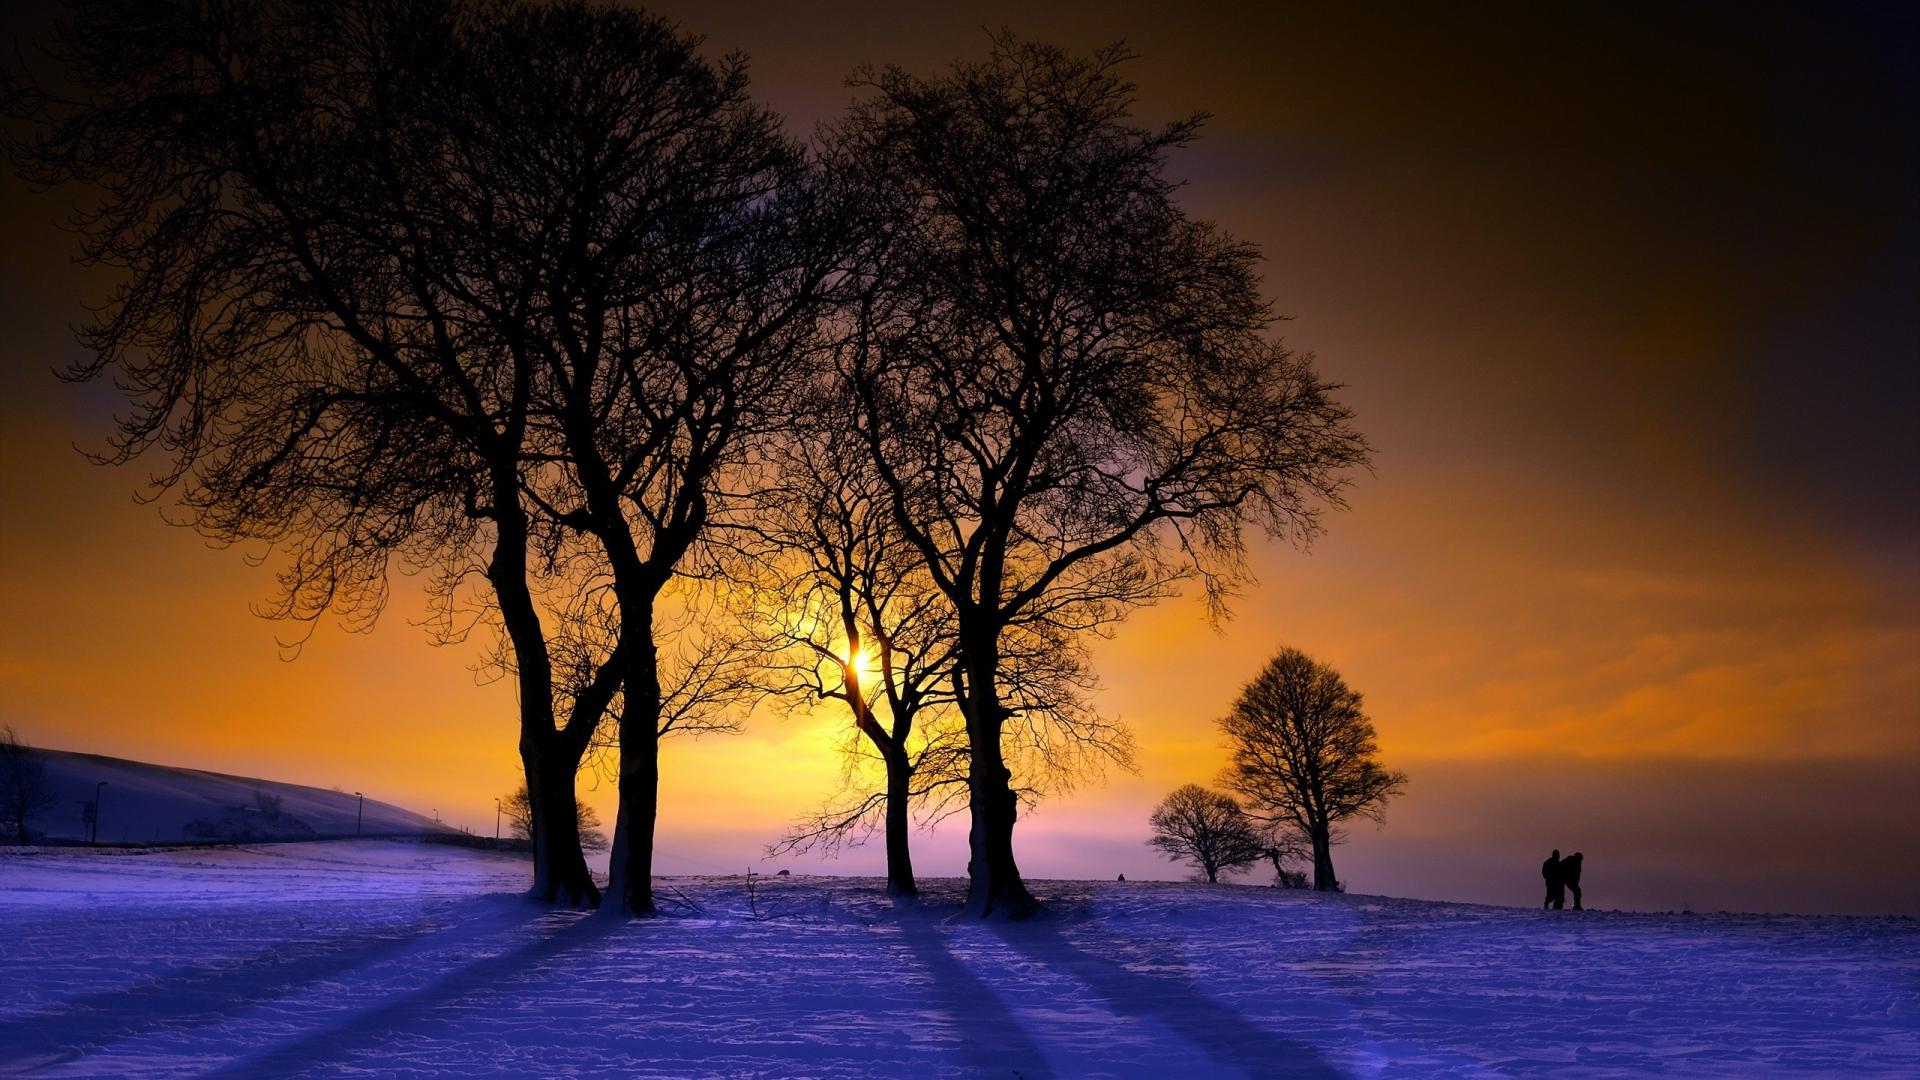 закат зима деревья пейзаж